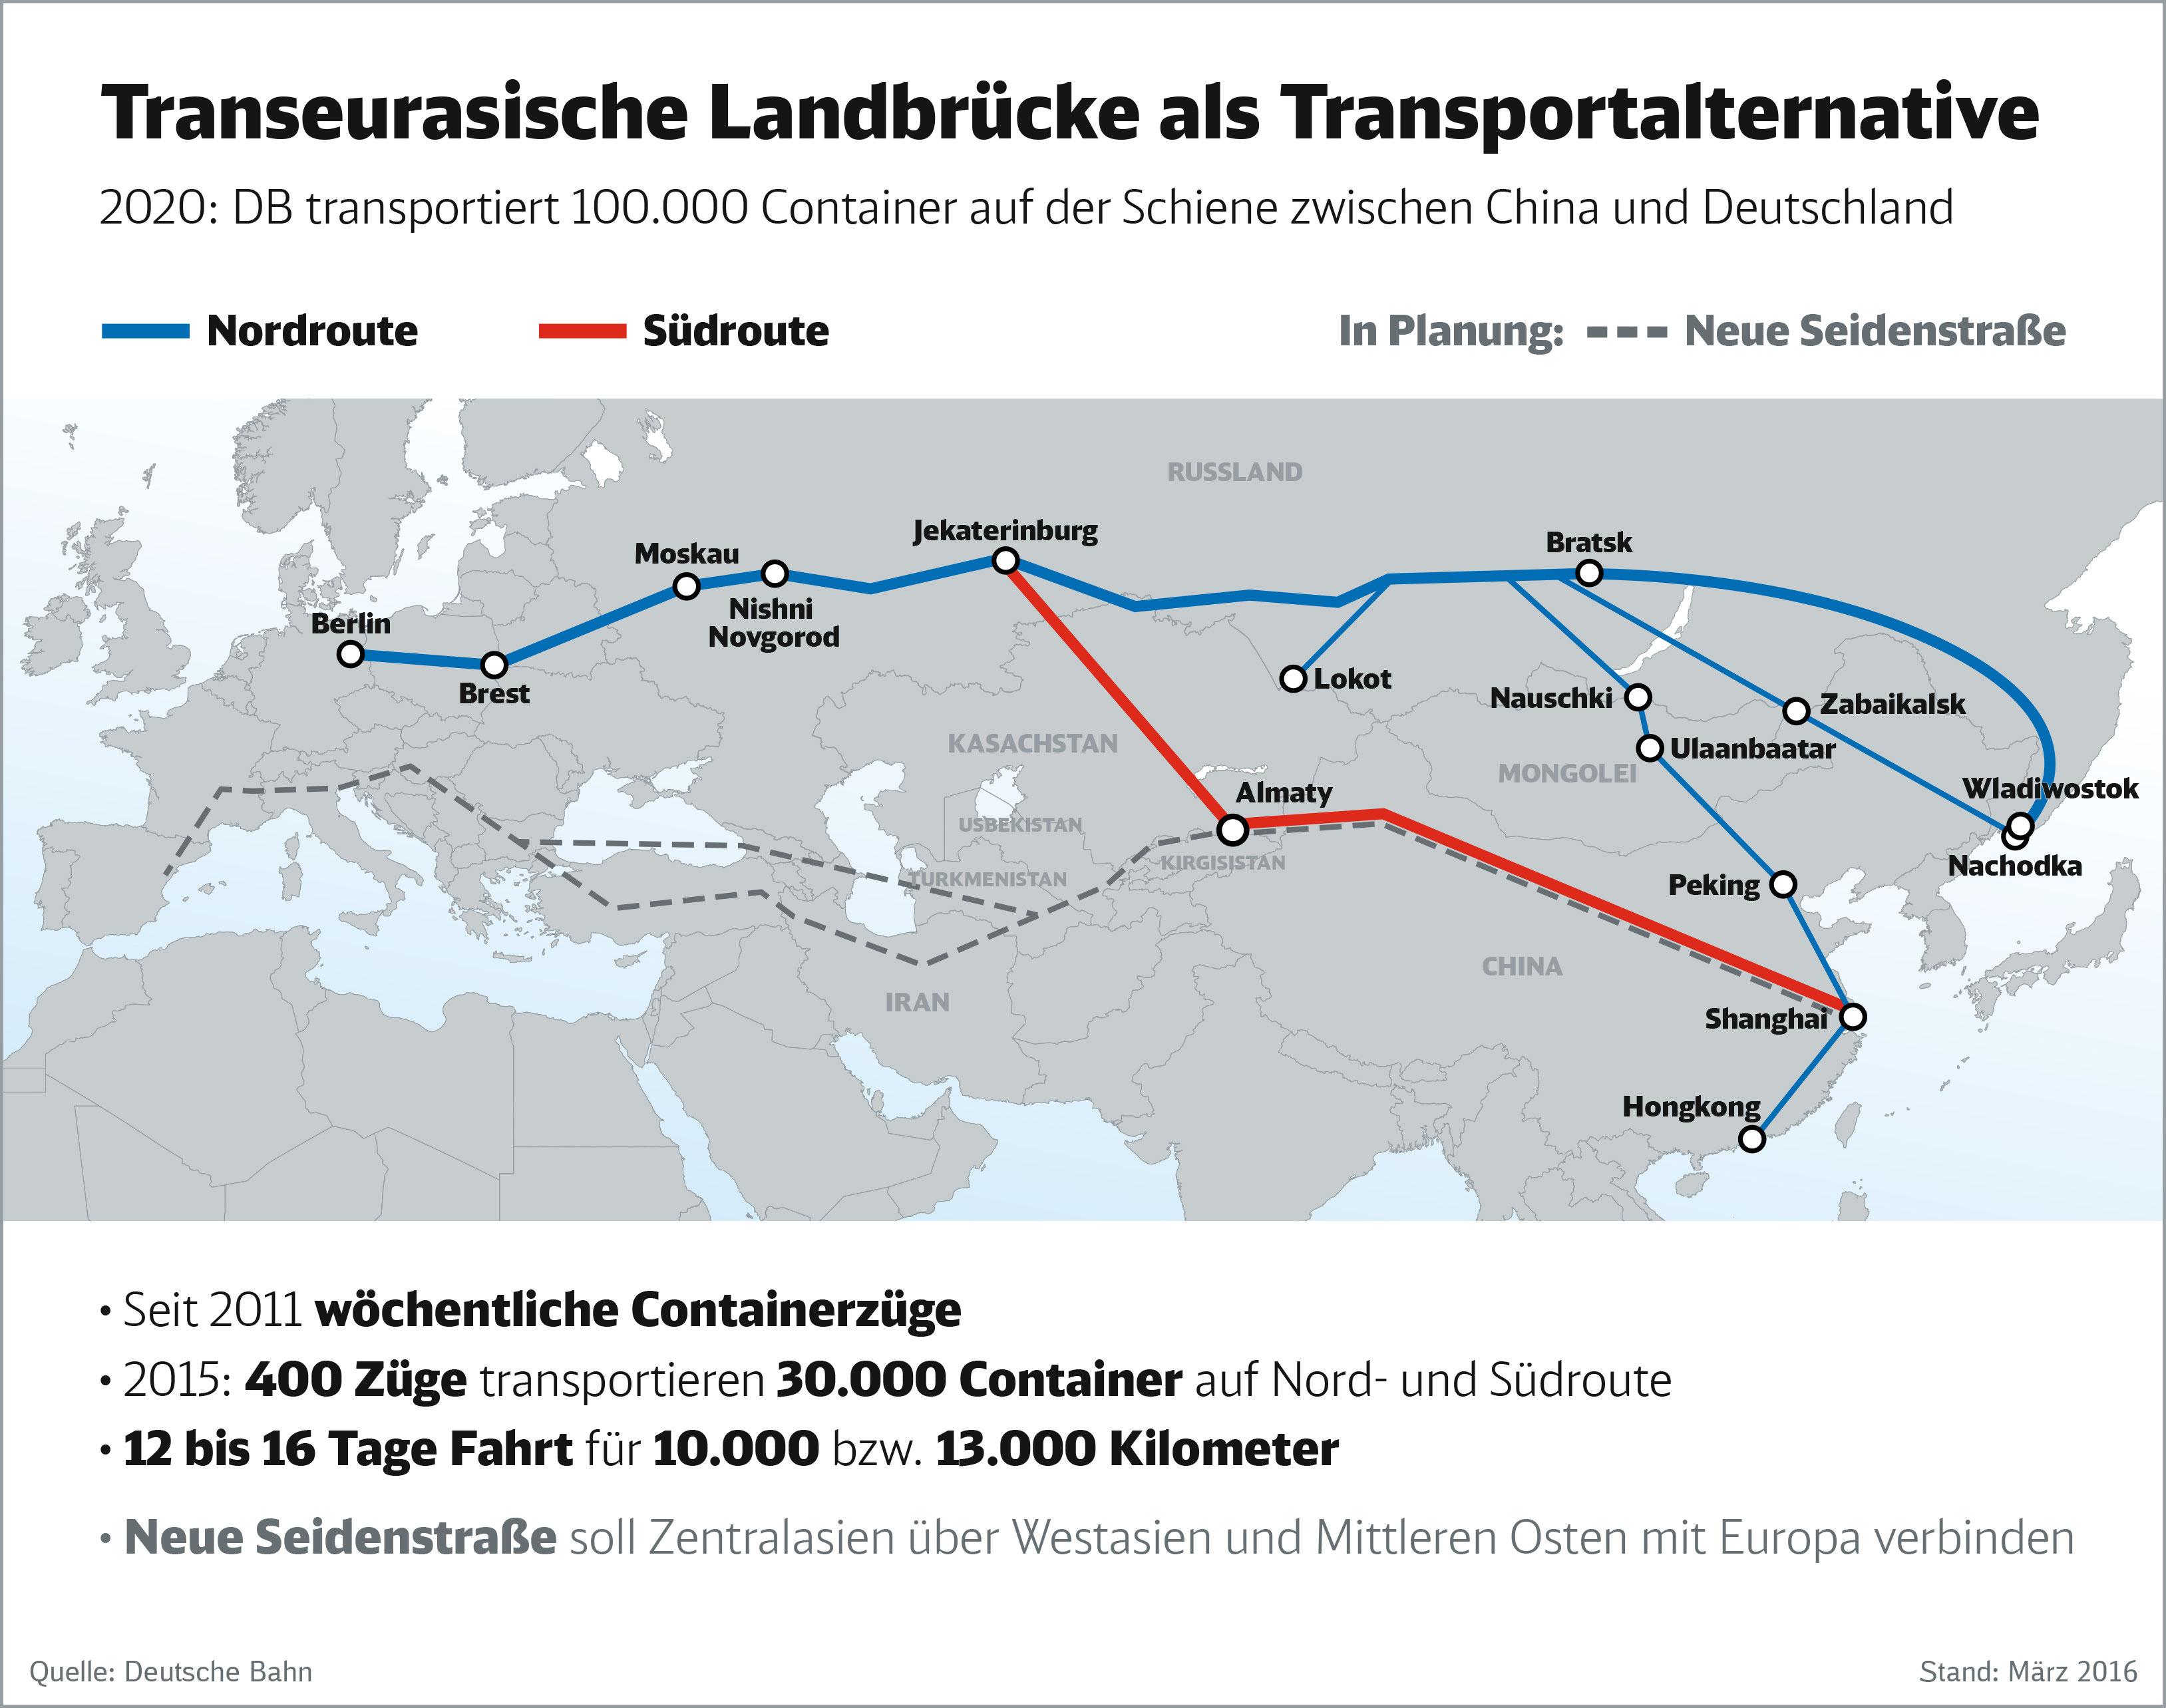 Archiv ausgesuchte Meldungen Juli 2016 - Bahnnews info24 ÖV Schweiz ...